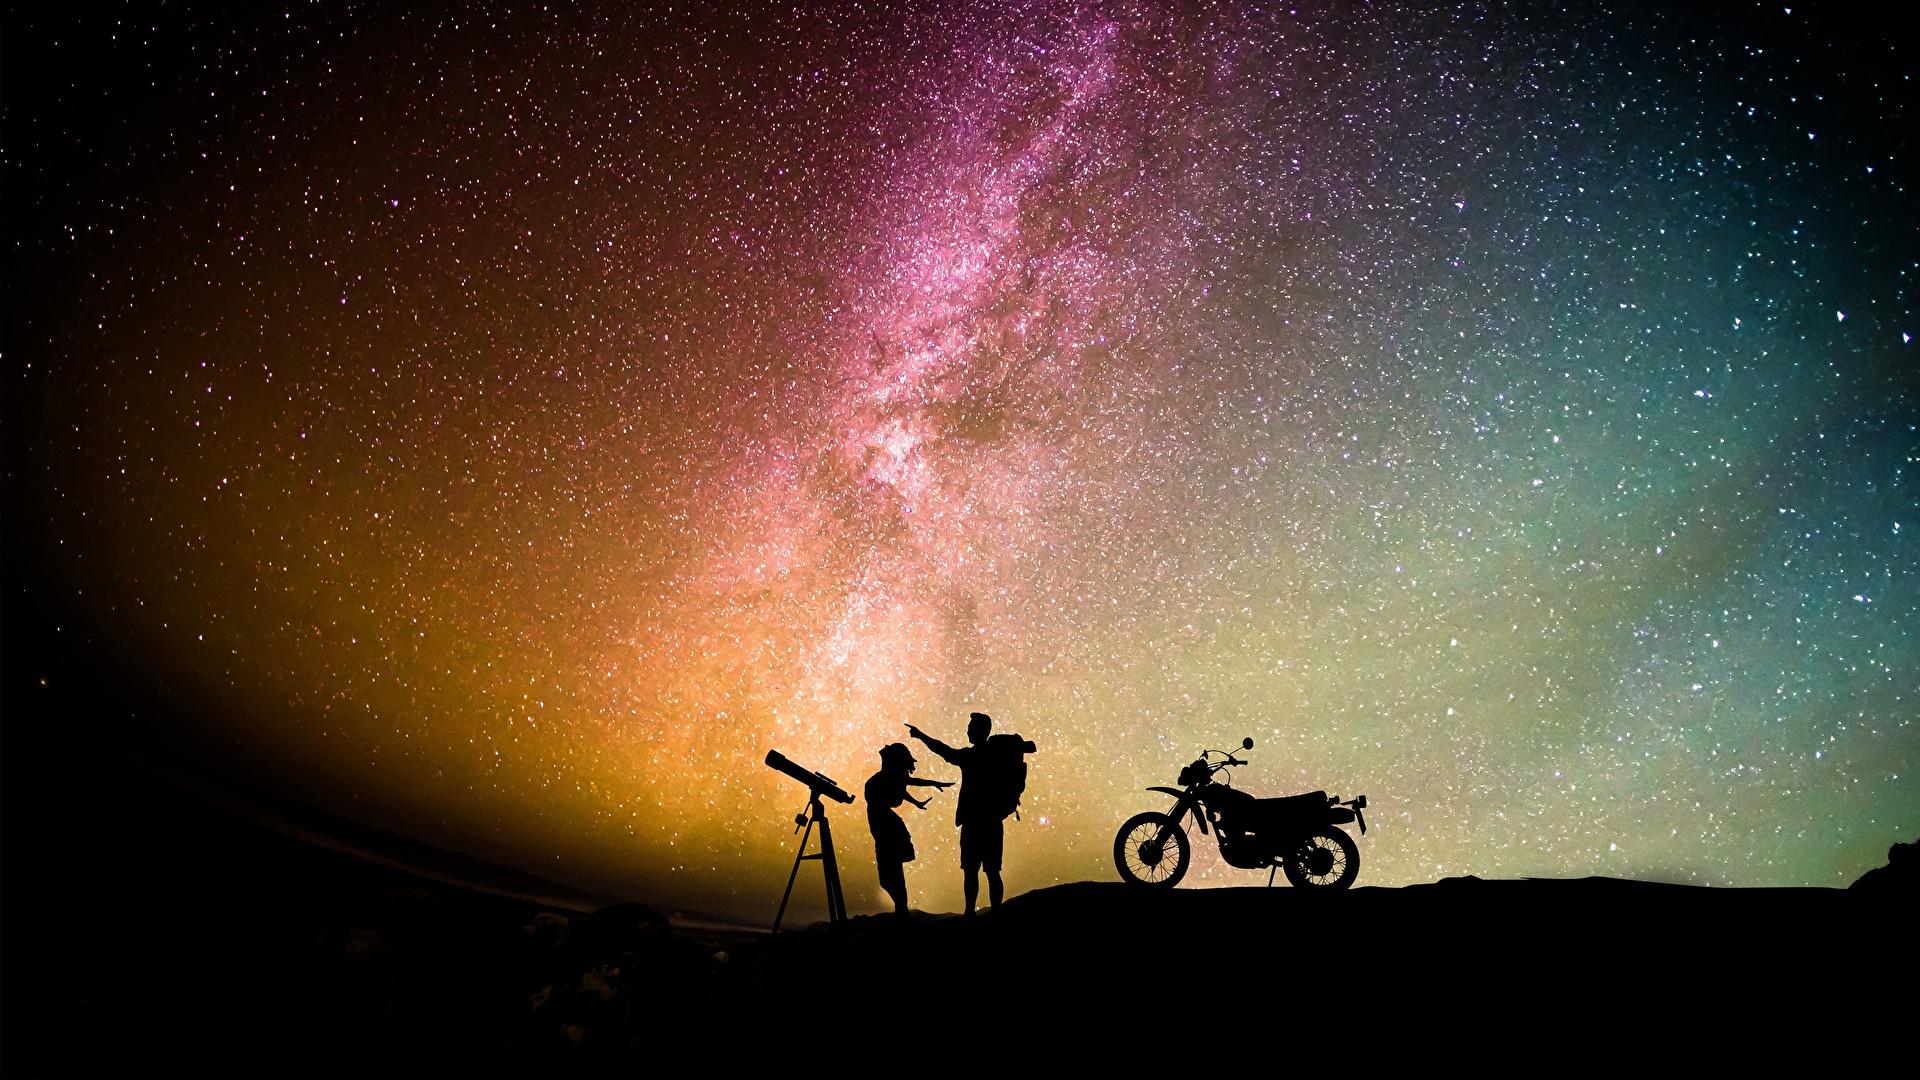 Фото Звезды мужчина силуэты Девушки Небо Мотоциклист ночью 1920x1080 Мужчины Силуэт силуэта девушка молодые женщины молодая женщина Ночь в ночи Ночные